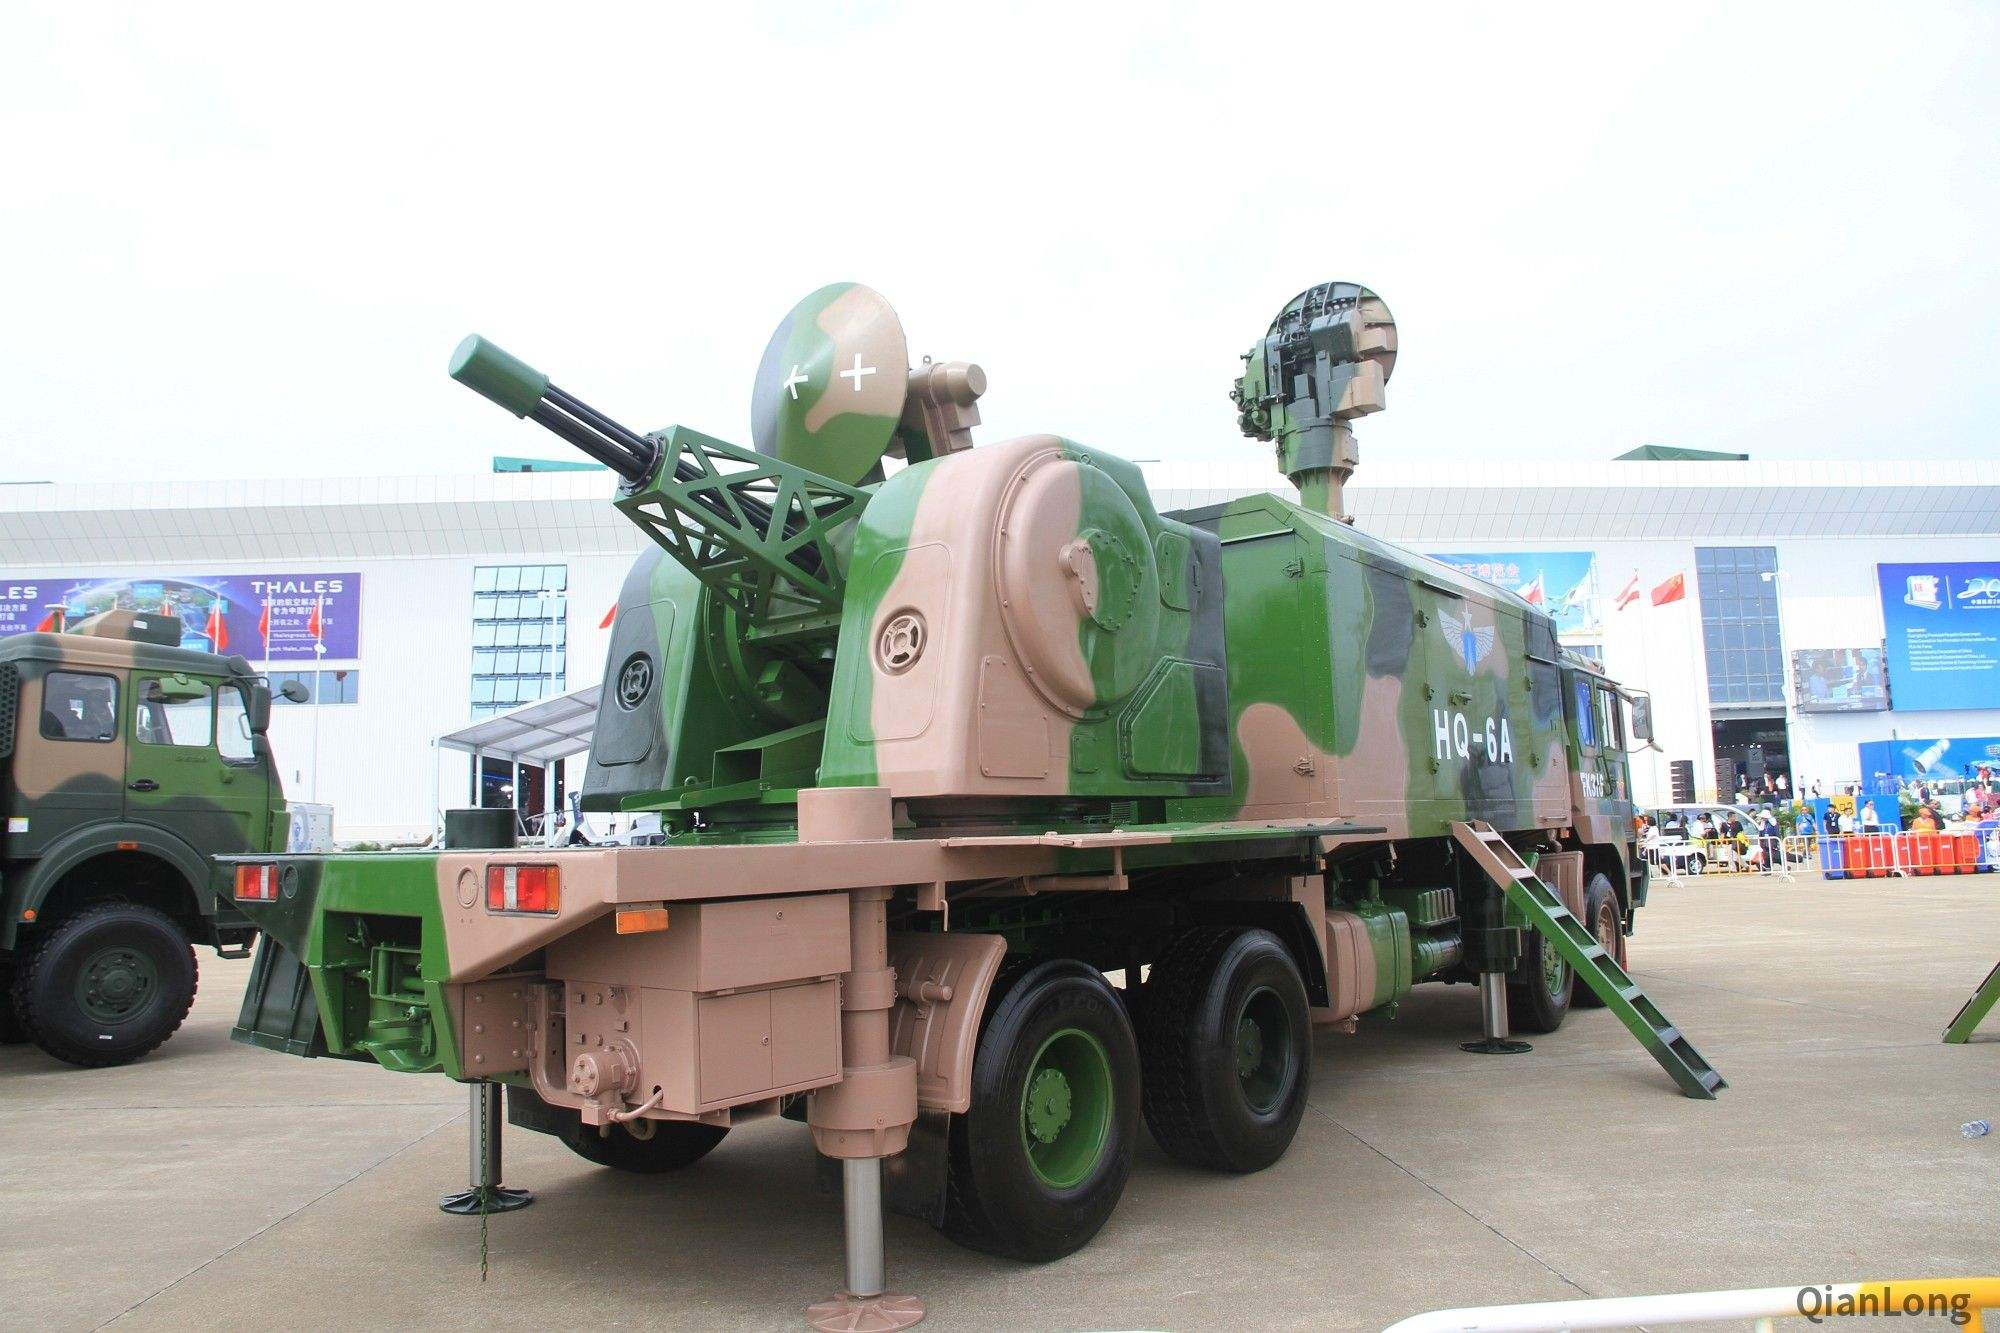 利比亞土法上馬造炮車,艦炮上岸套路不輸中美型號